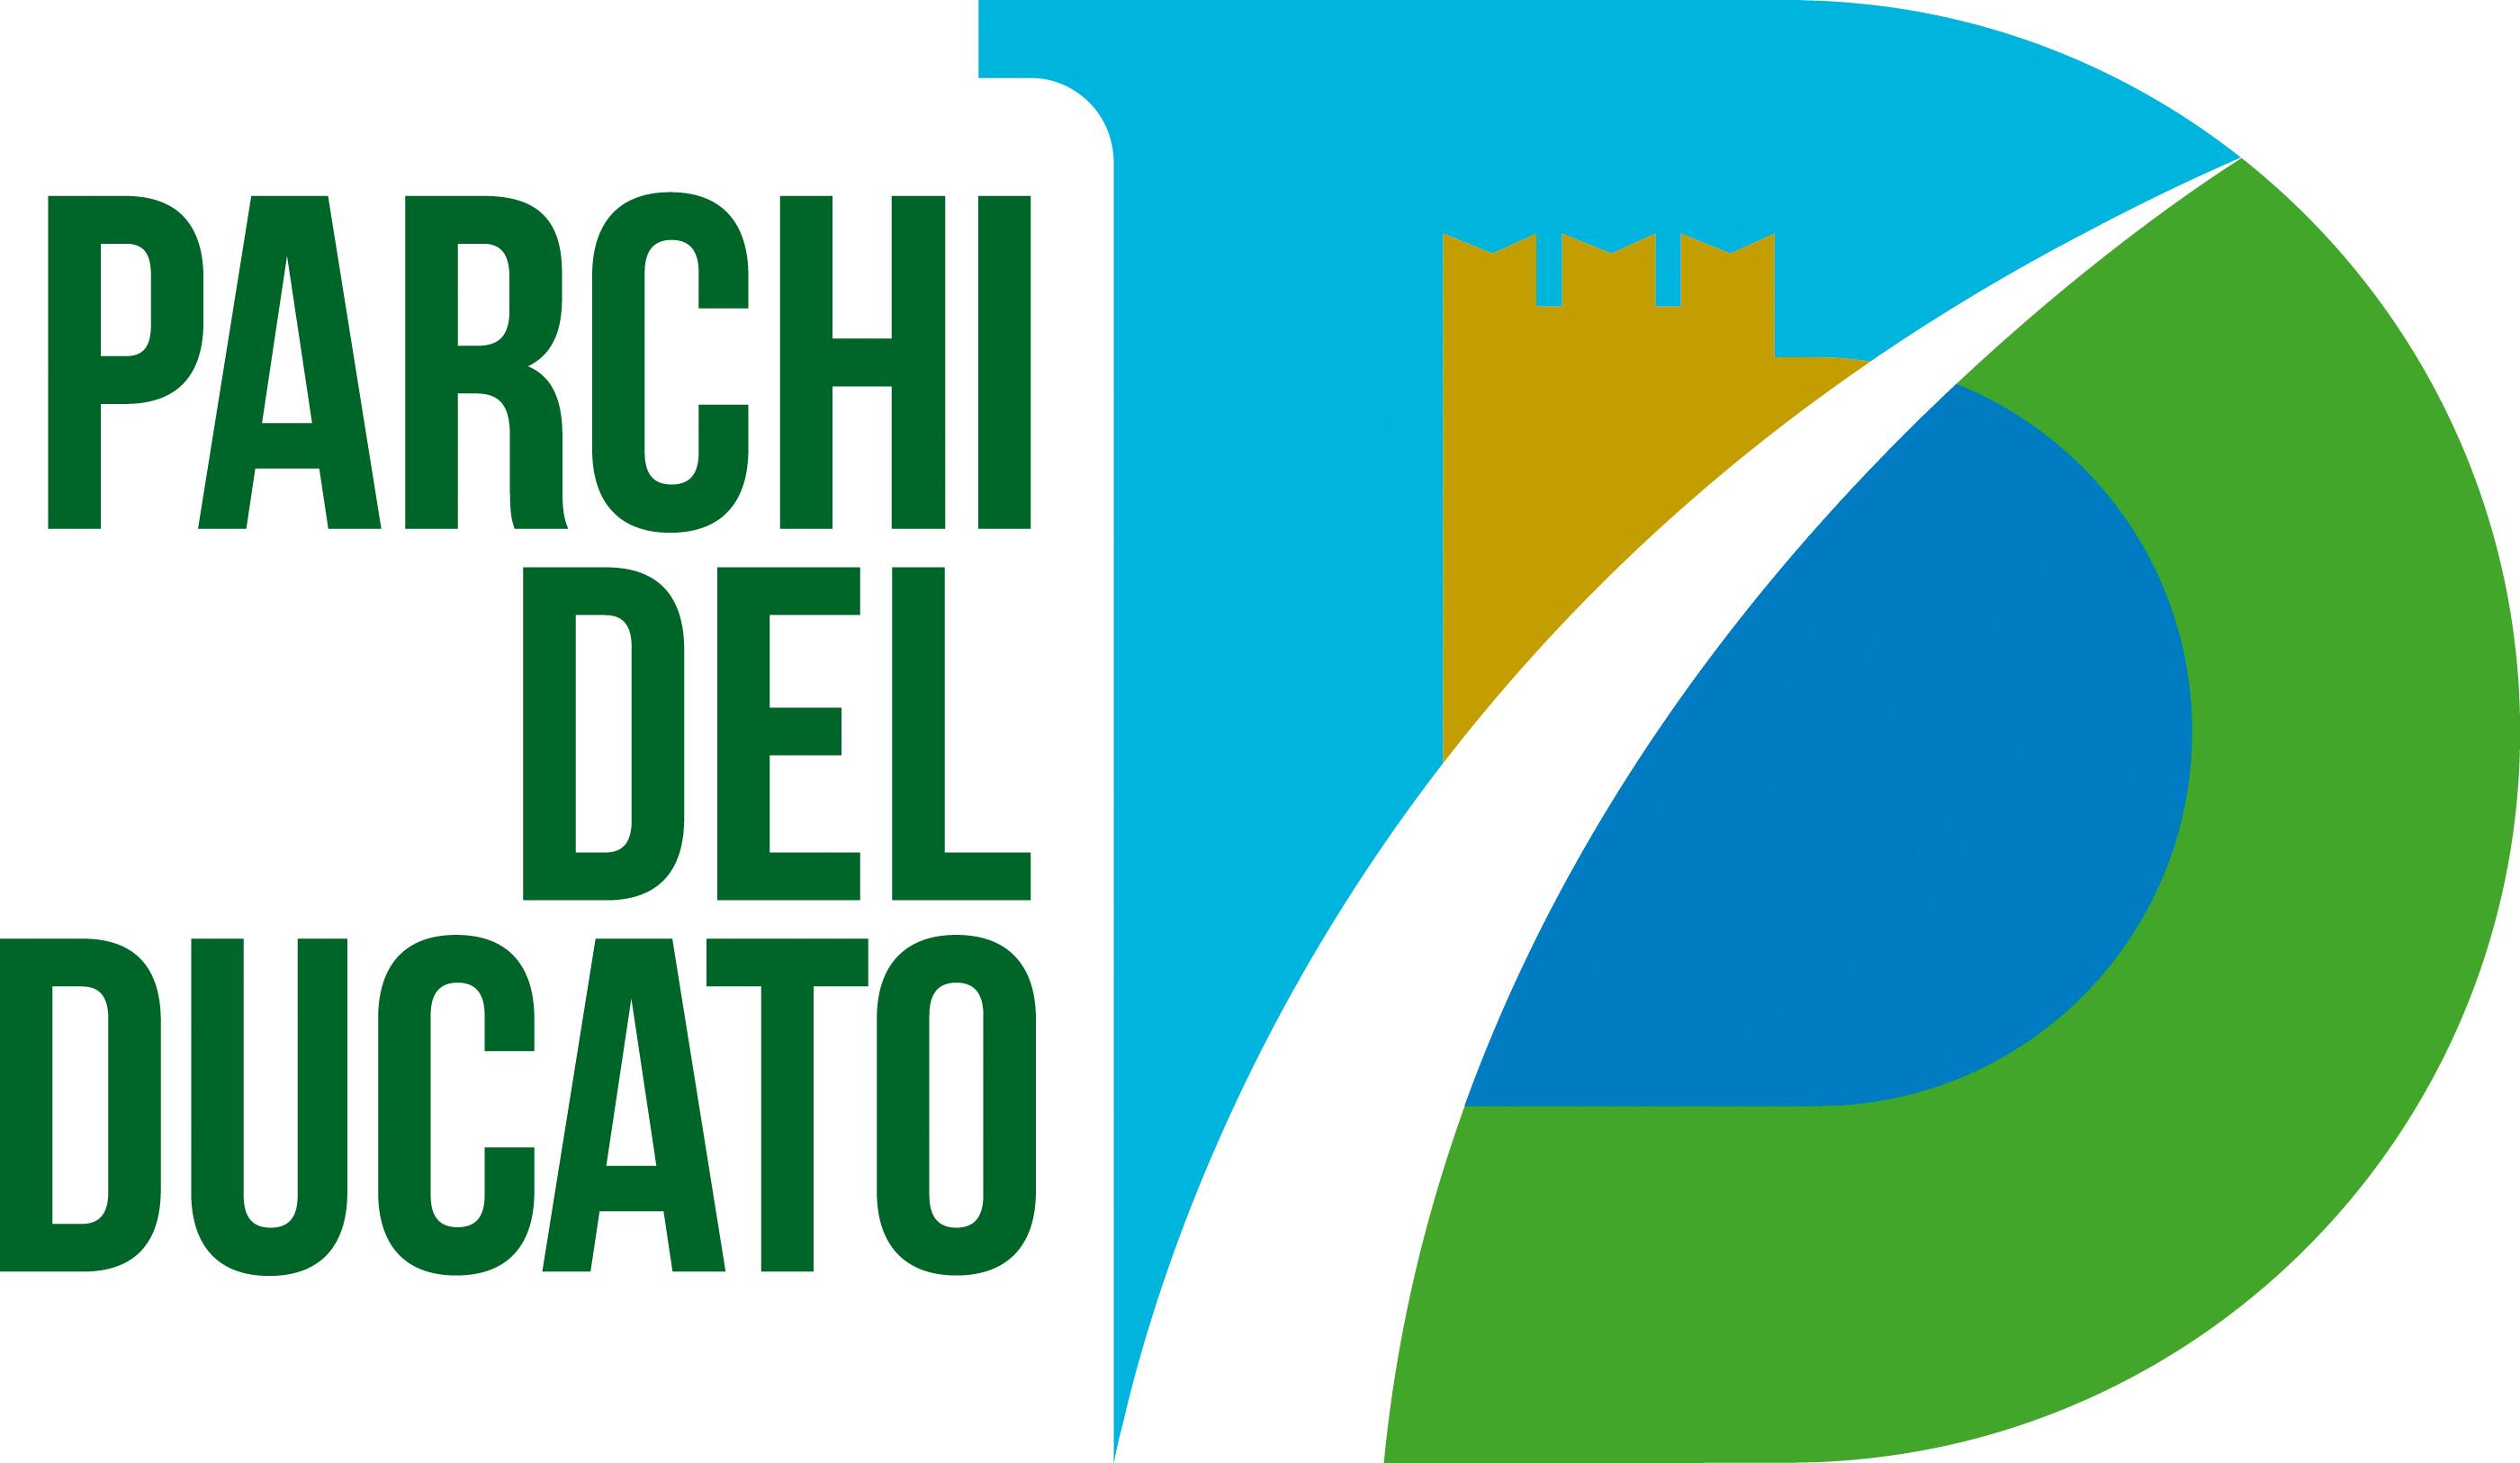 Parchi del Ducato - partners premio condividi la tua avventura verde